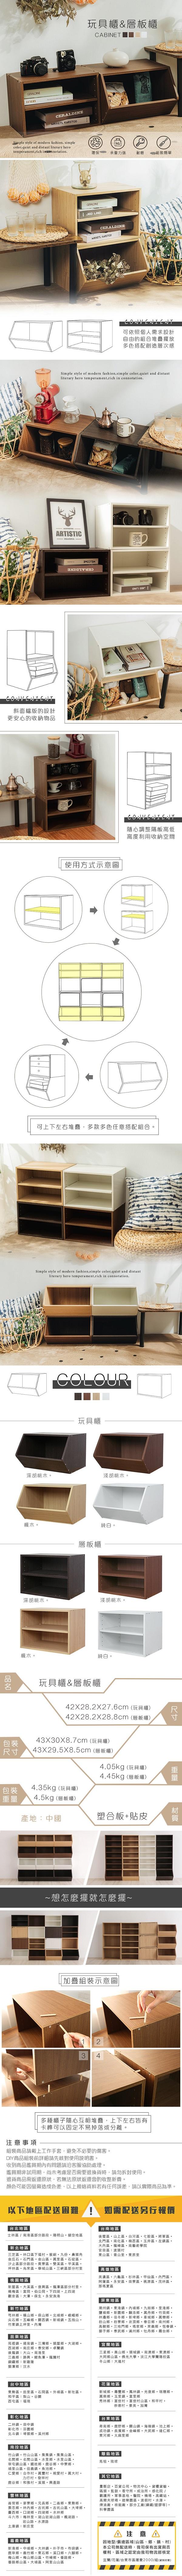 層櫃、書櫃、空櫃、收納櫃、層板櫃、樂嫚妮、木門櫃、玩具櫃